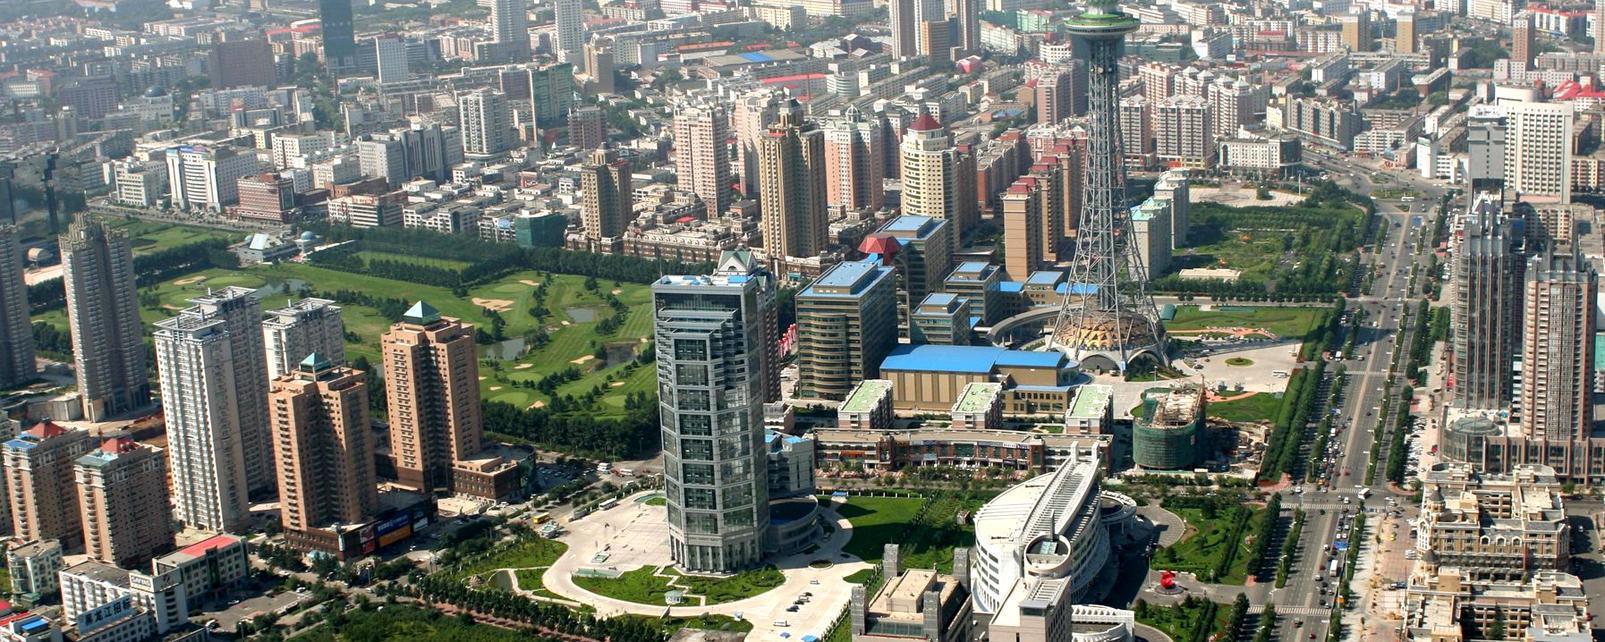 Weather Forecast Harbin, China